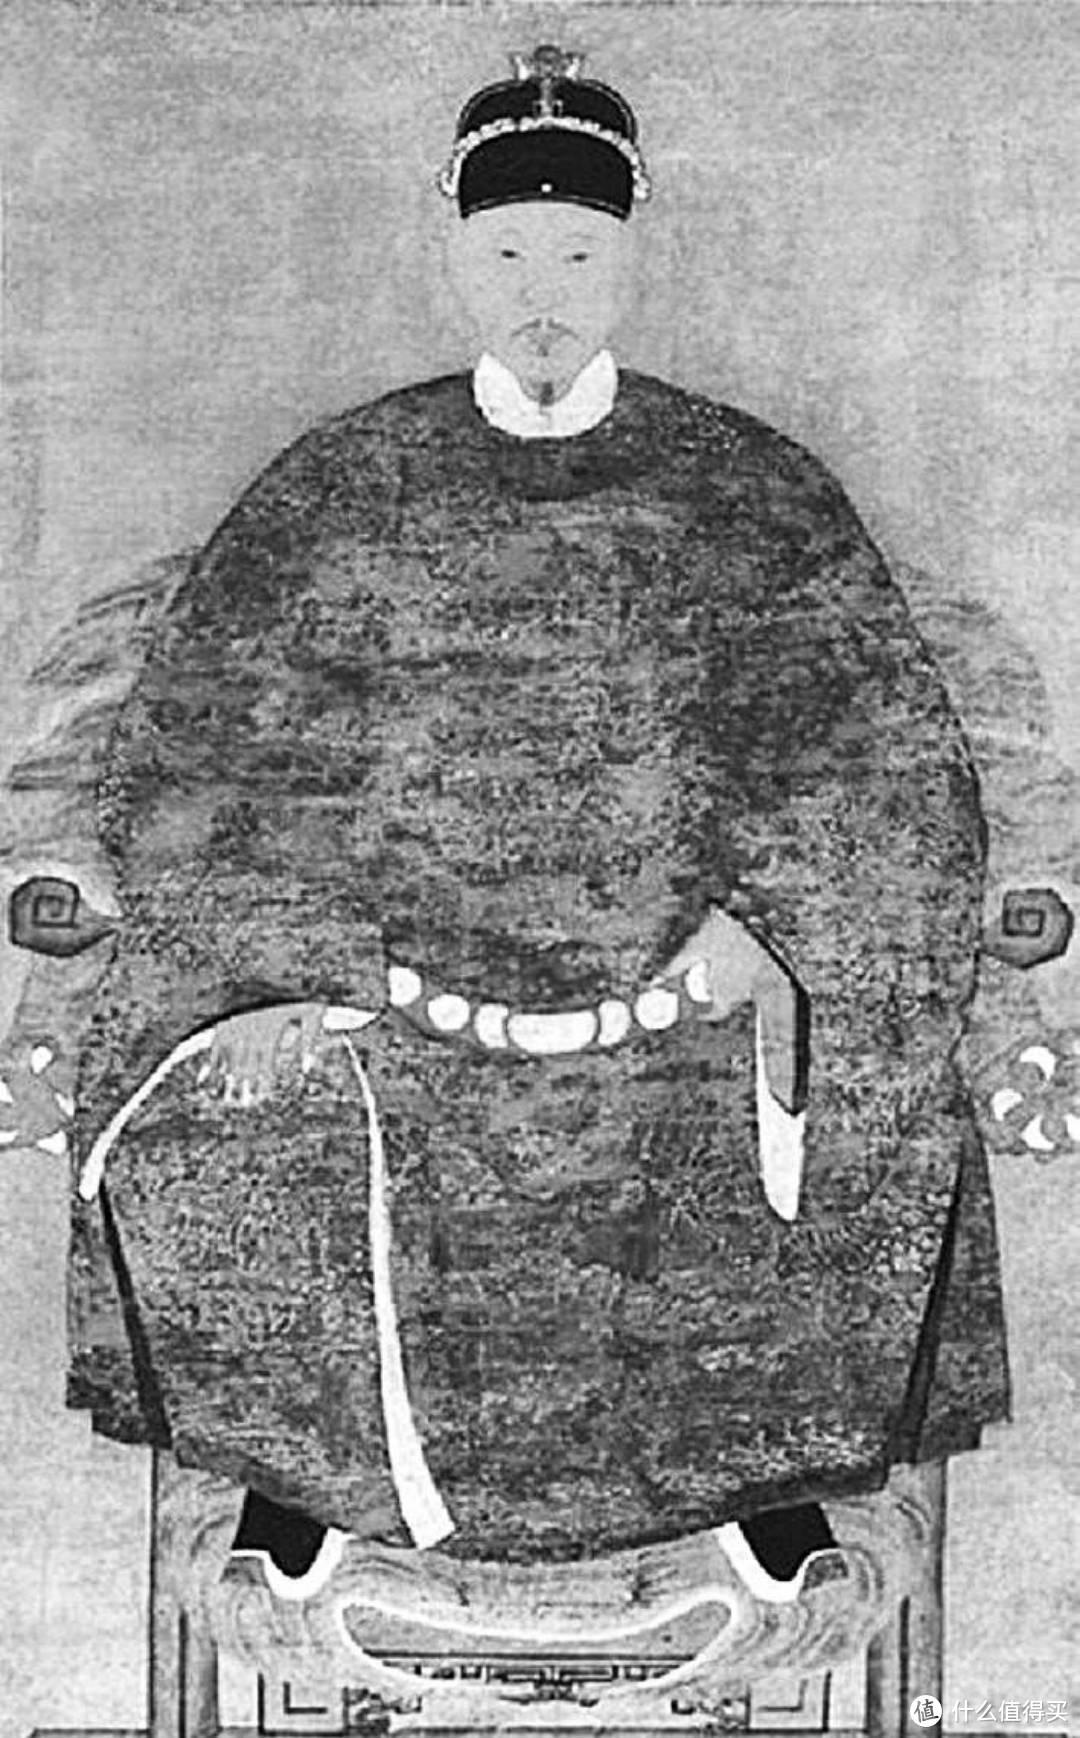 荐书:《大明王朝的七张面孔》农民的乌托邦世界及其崩溃!